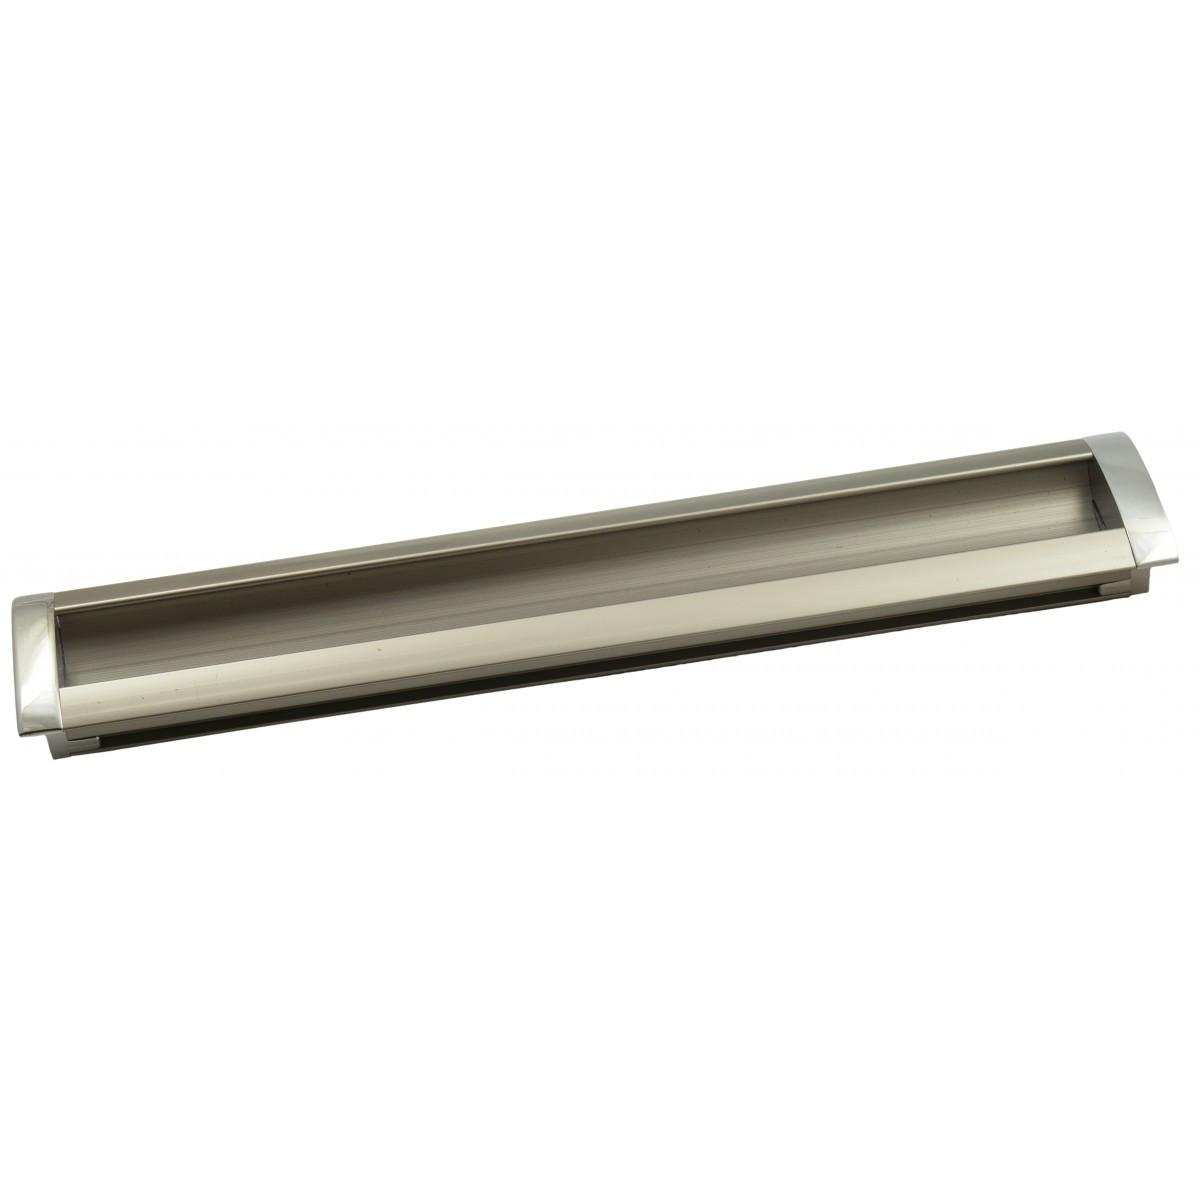 Ручка меблева Ozkardesler 14.202-06/022 GOммE BOY KULP 224мм Хром-Сталь